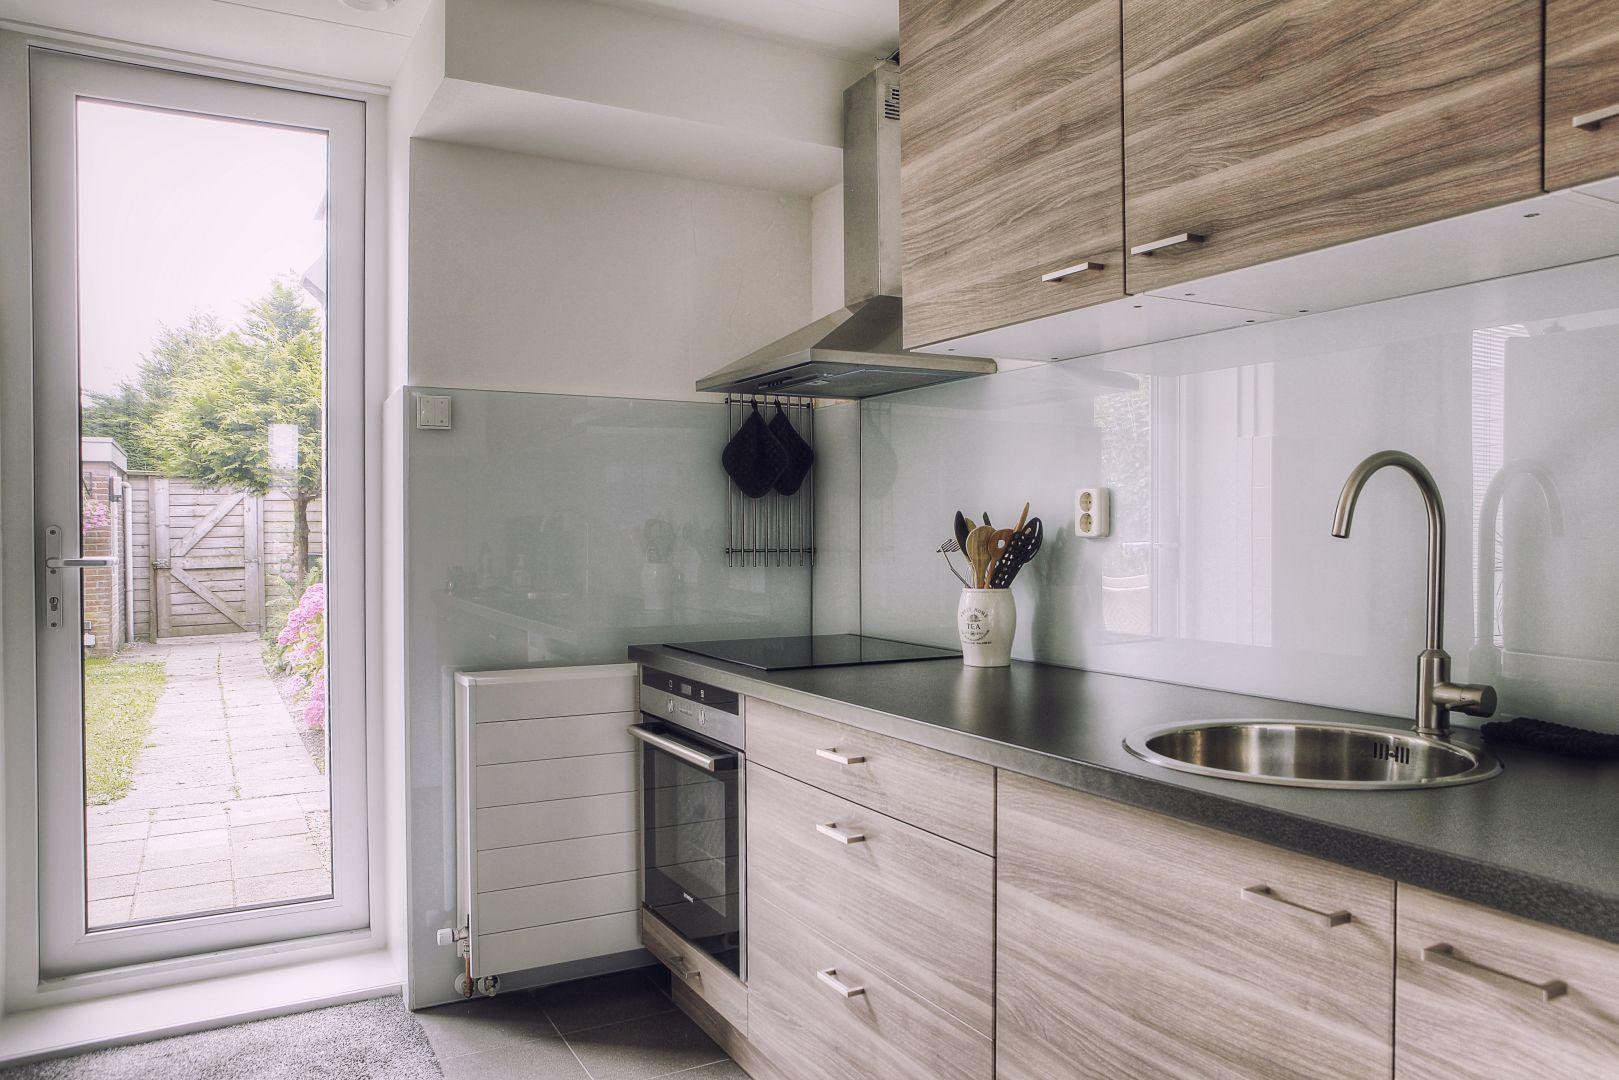 Rvs Keuken Plaat : keuken-oplevering-renovatie-project-bam-zakelijk-fotograaf-rick